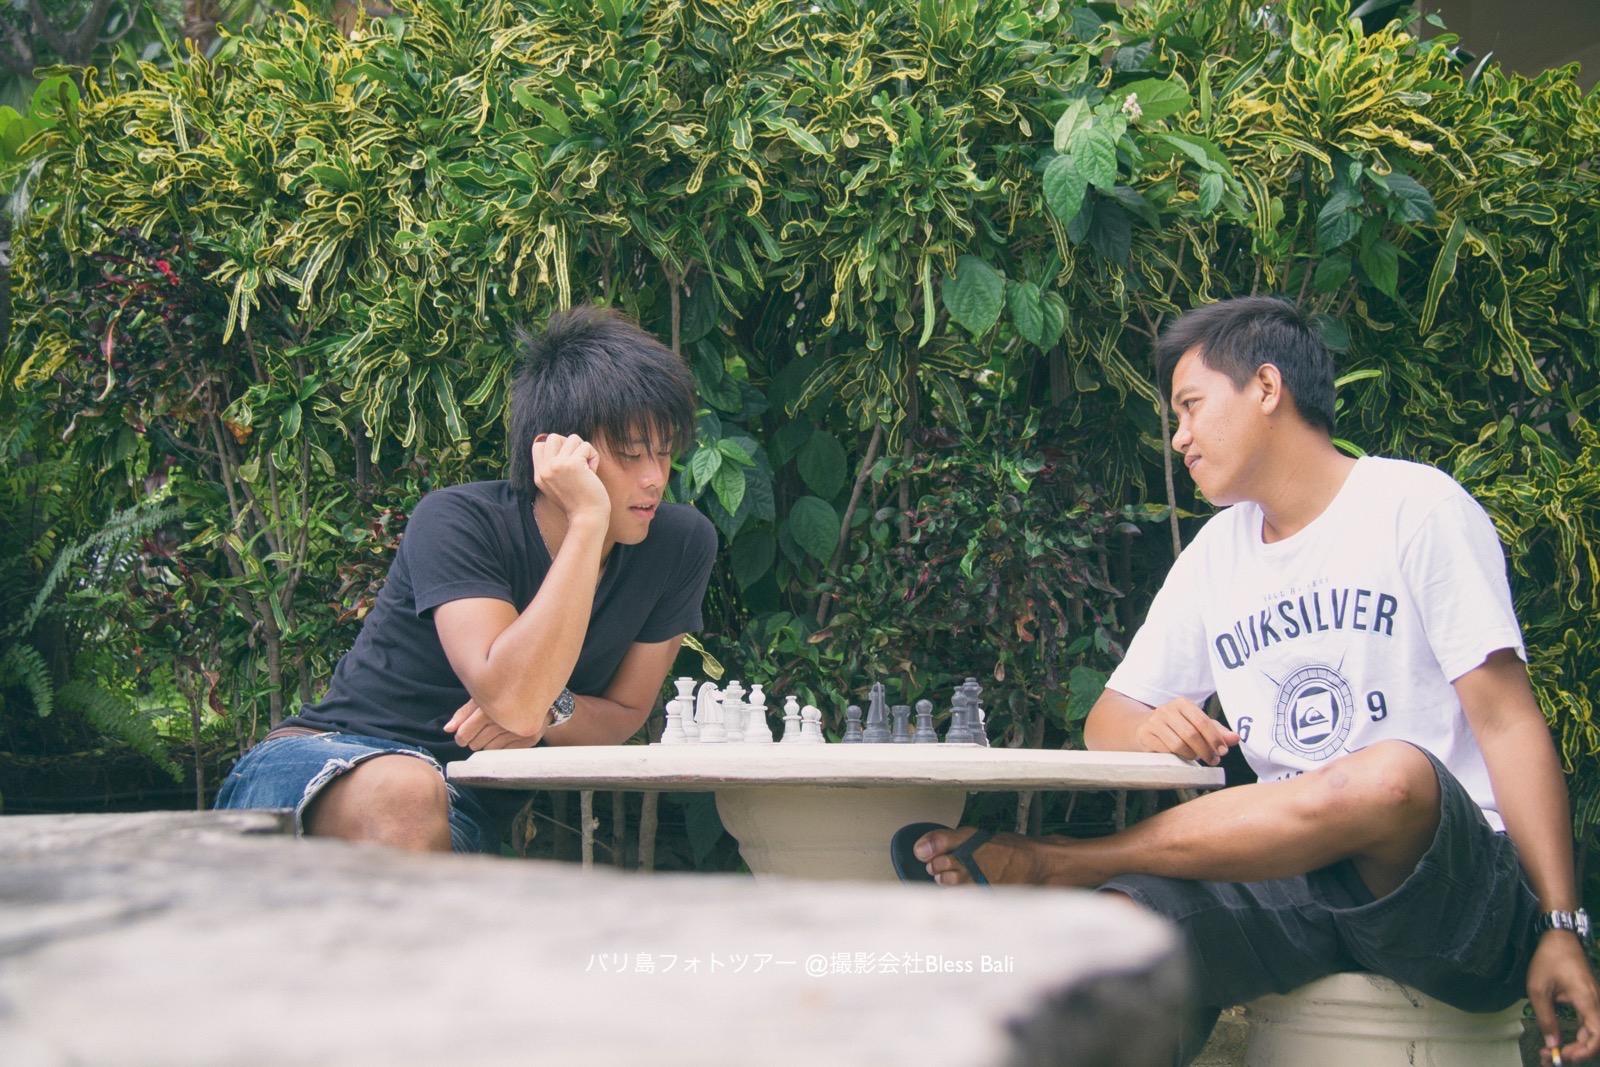 ステフェンVSプトゥでチェス対決中